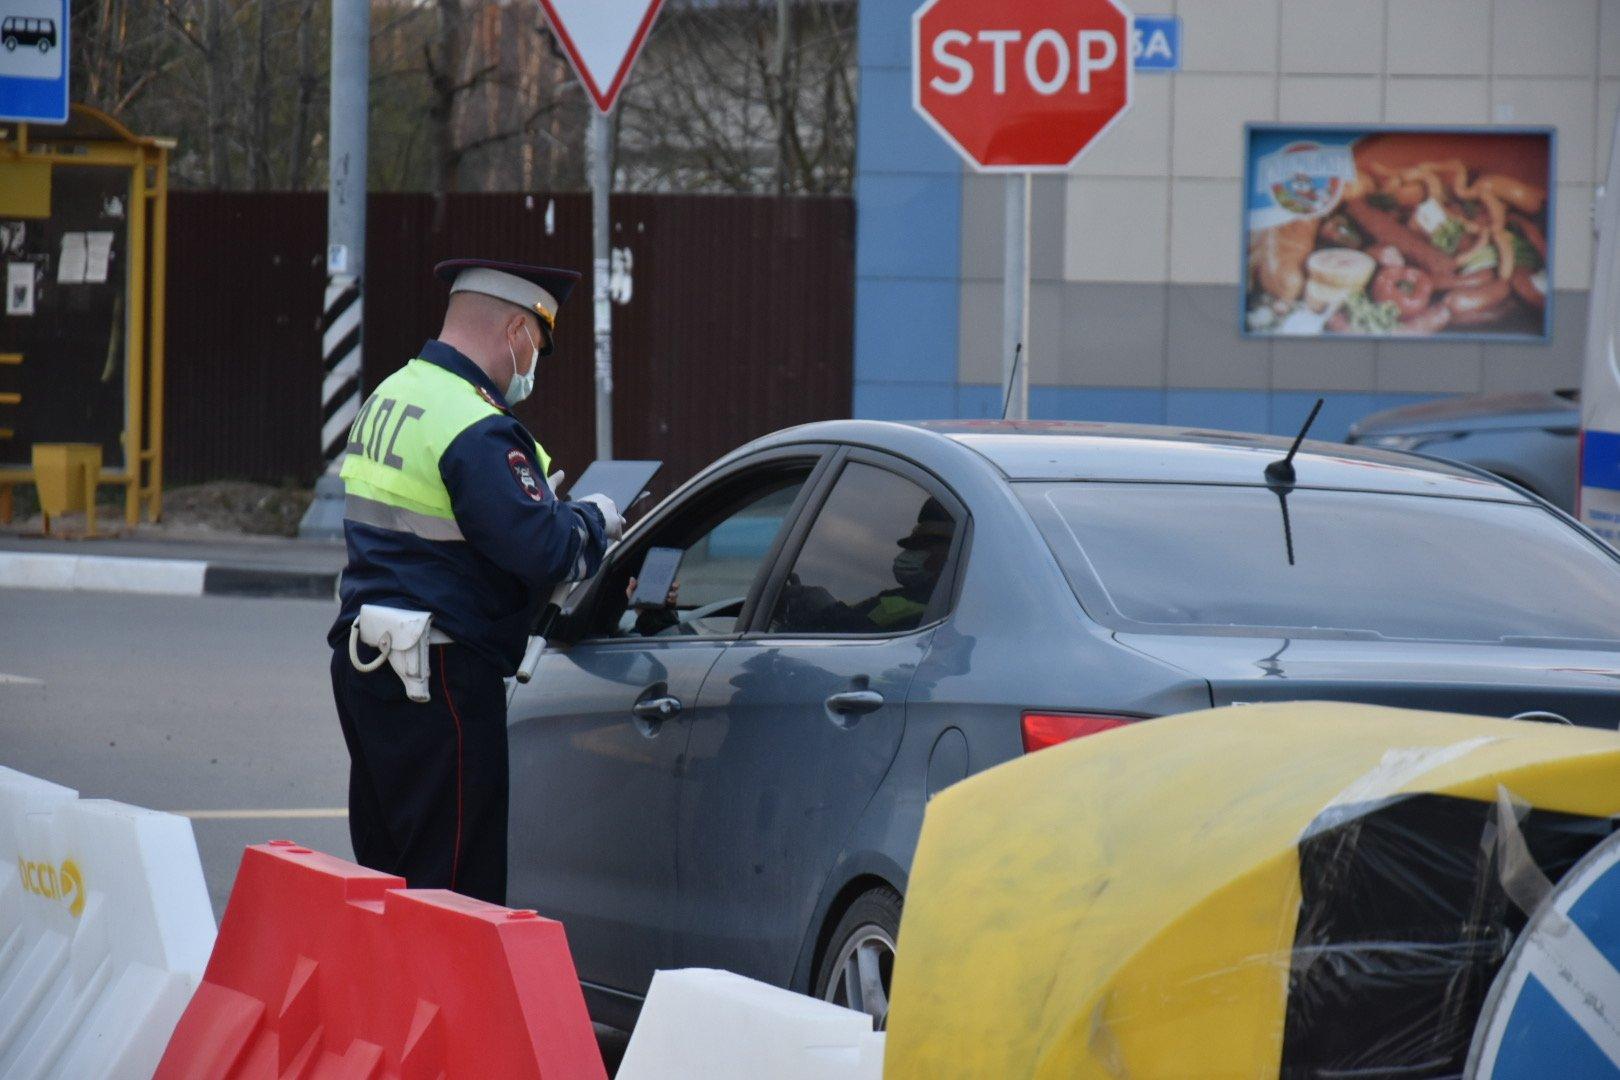 Хроники пандемии: дилеры считают убытки, власти вводят новые ограничения, полицейские выдают маски водителям